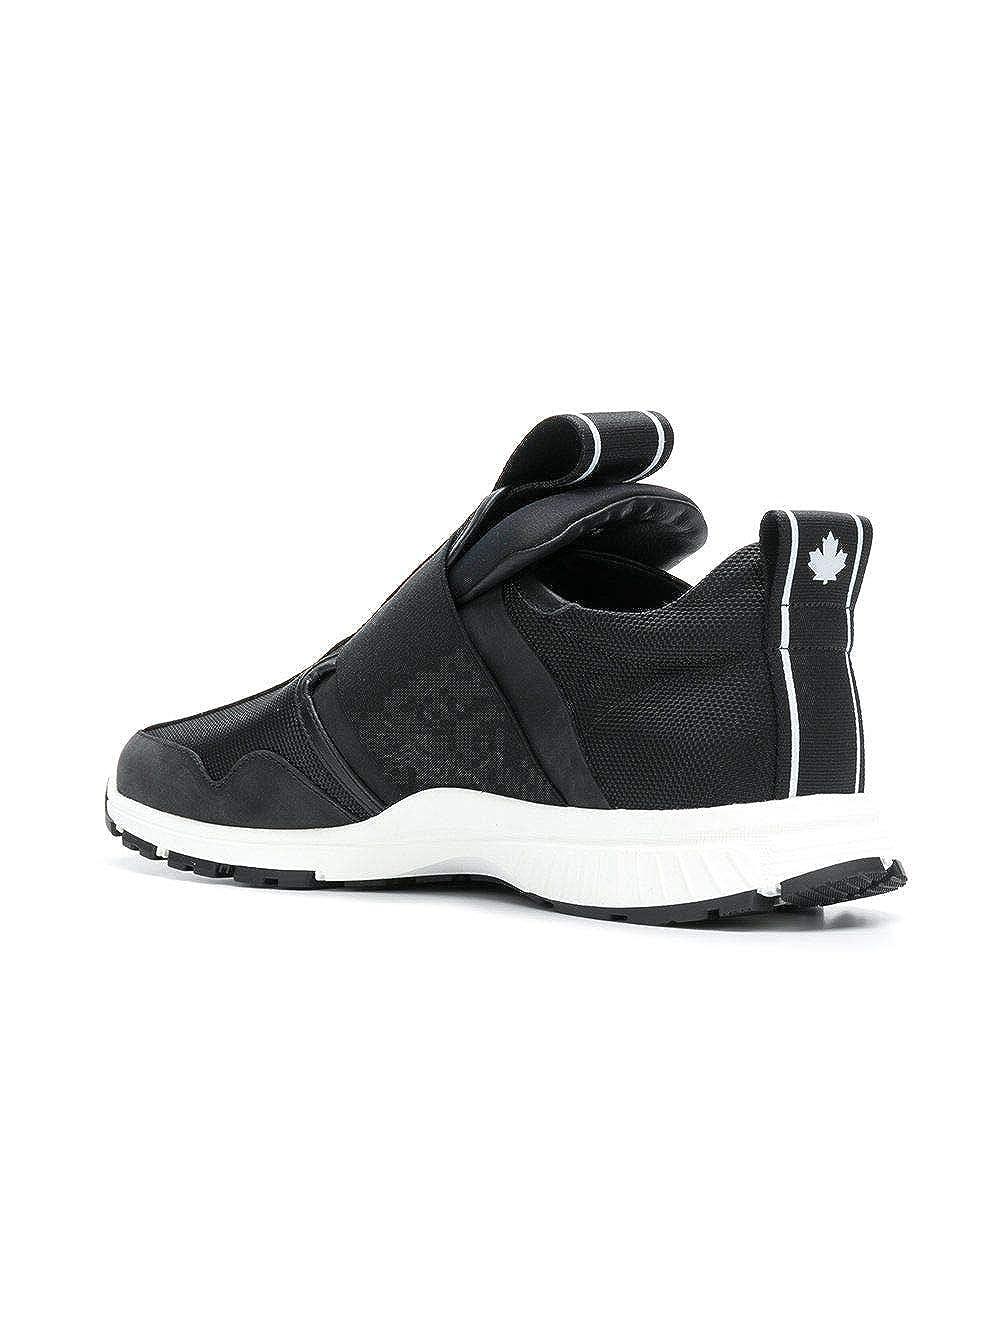 Dsquared2 Hombre Snm0027065002782124 Negro Tela Zapatillas Slip-On: Amazon.es: Zapatos y complementos